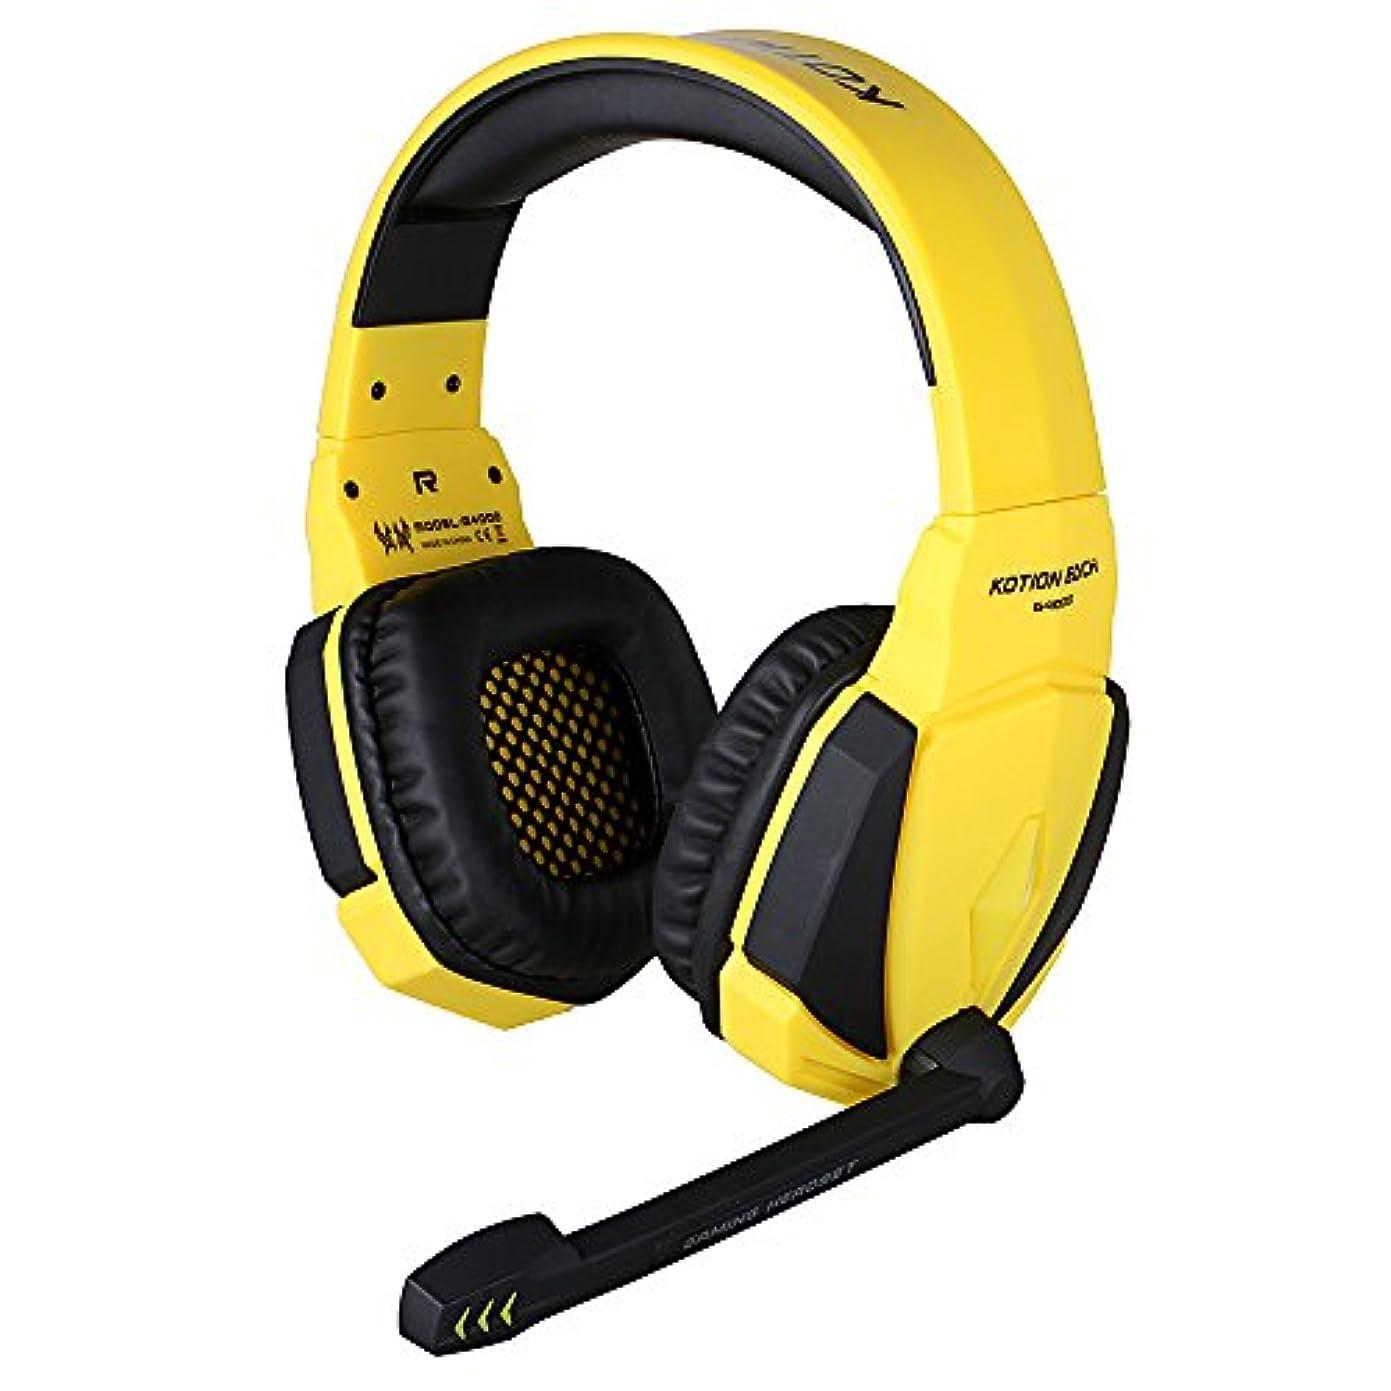 曲がった請求パキスタンFHCGヘッドコンピューター、有線ヘッドセット、ゲームプレーヤー、ヘッドセット、黄色